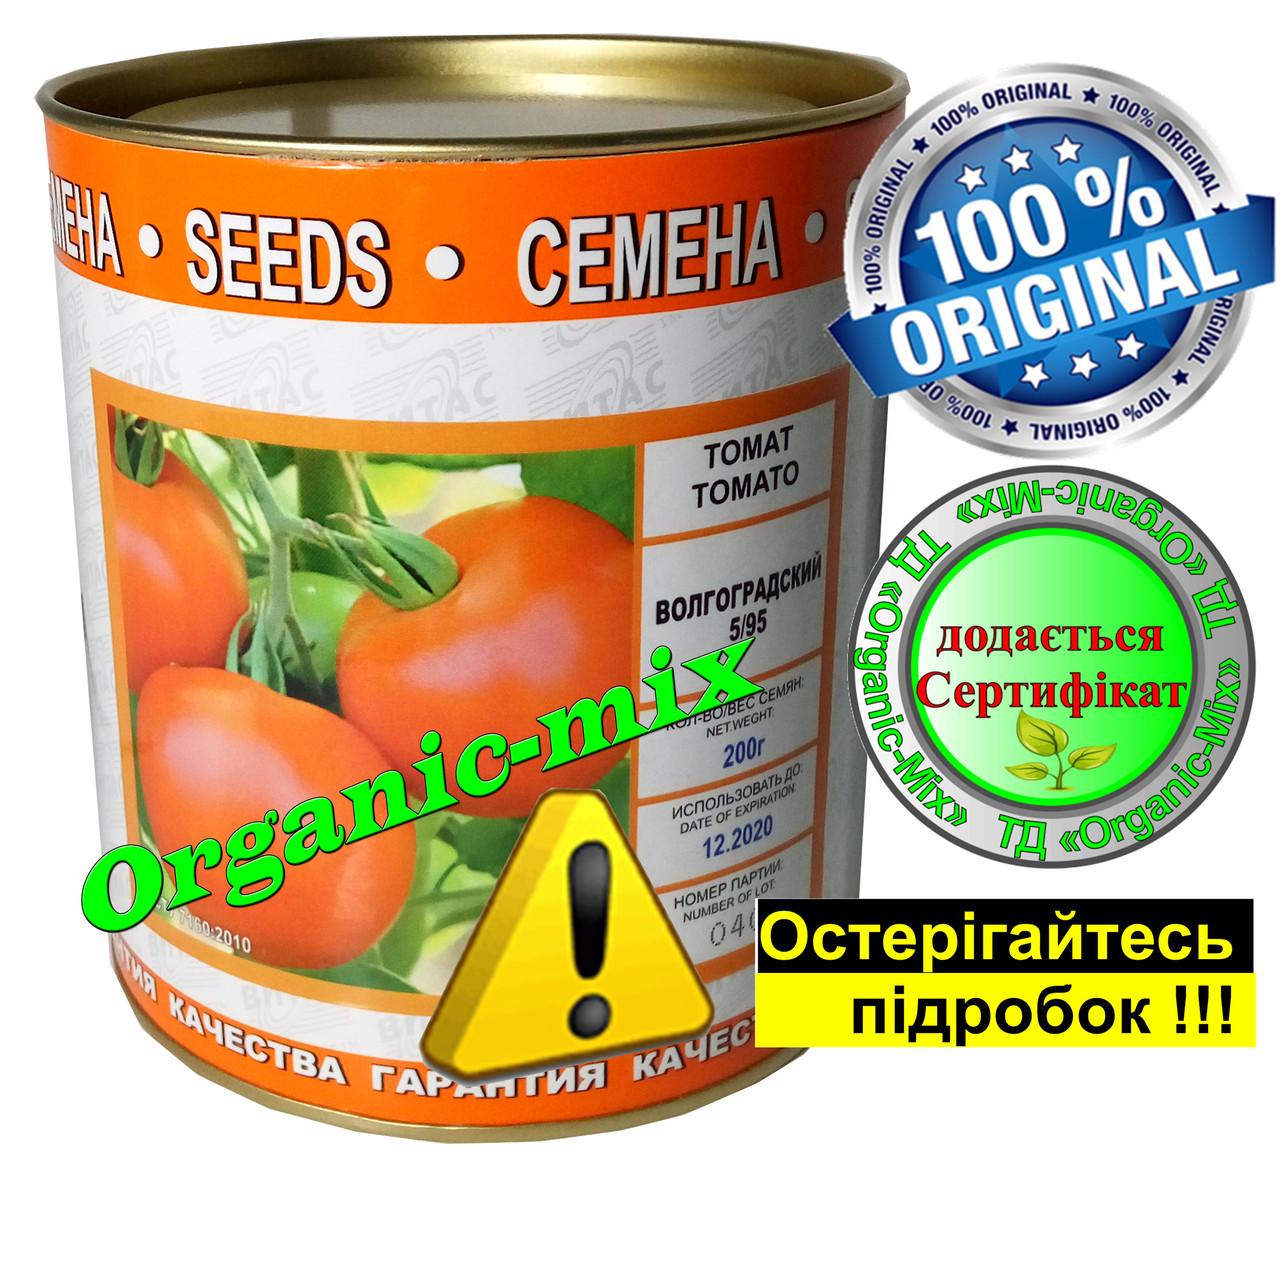 Семена, томат Волгоградский 5/95 инкрустированные 200 г банка